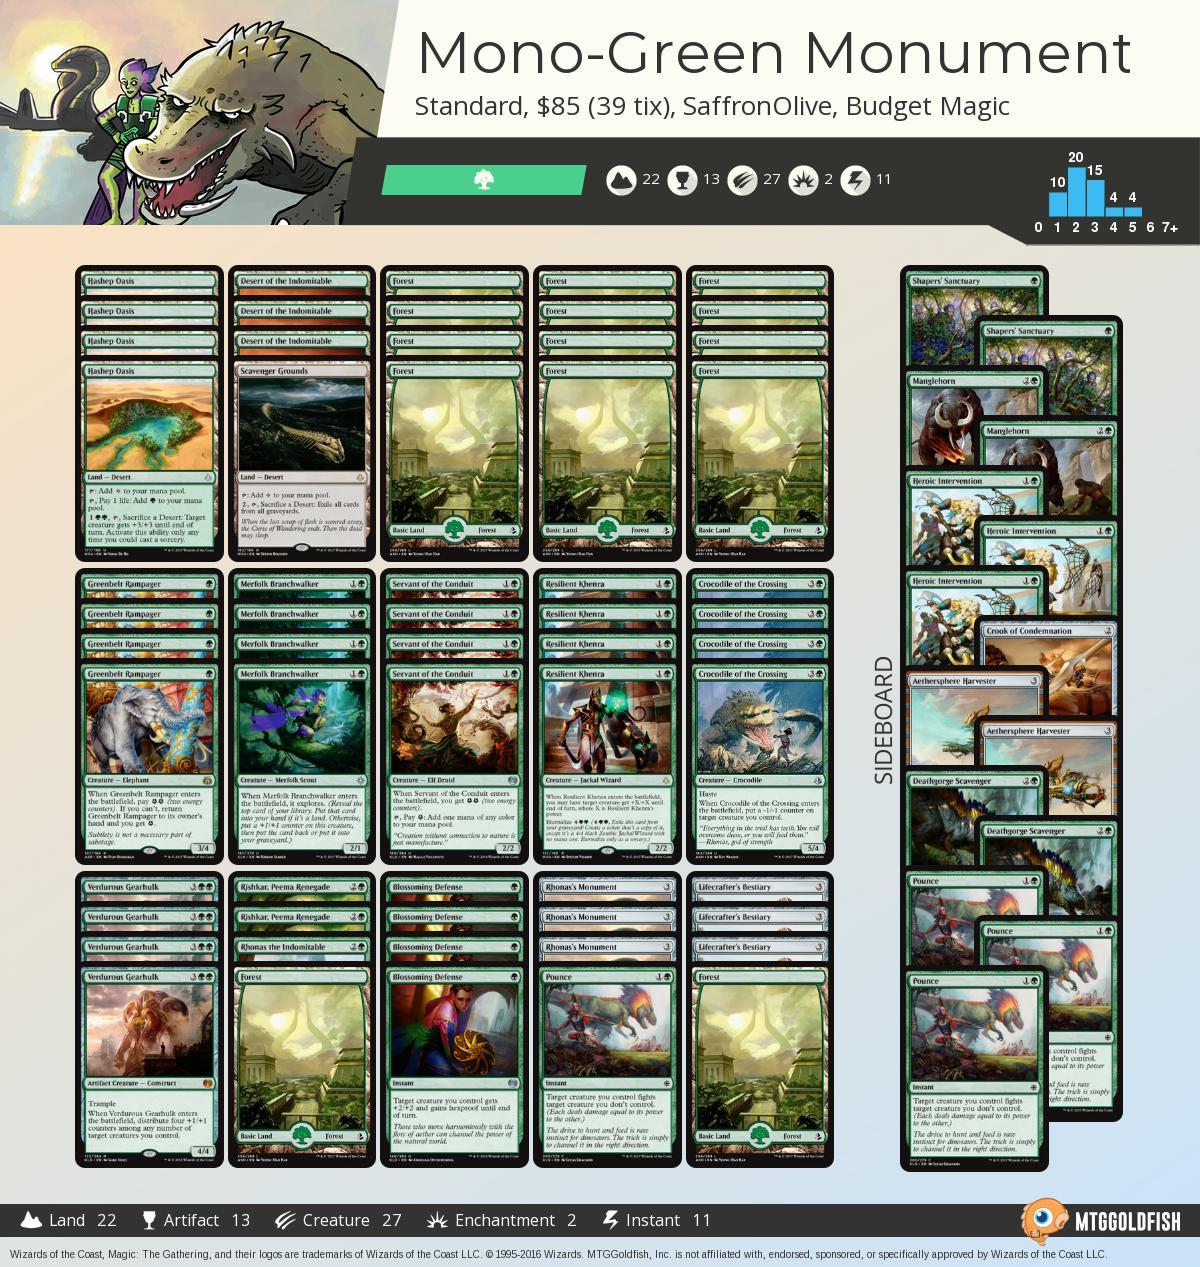 Mono green%2bmonument 981095af 274c 4f18 aca4 067db3e44415%2ejpg